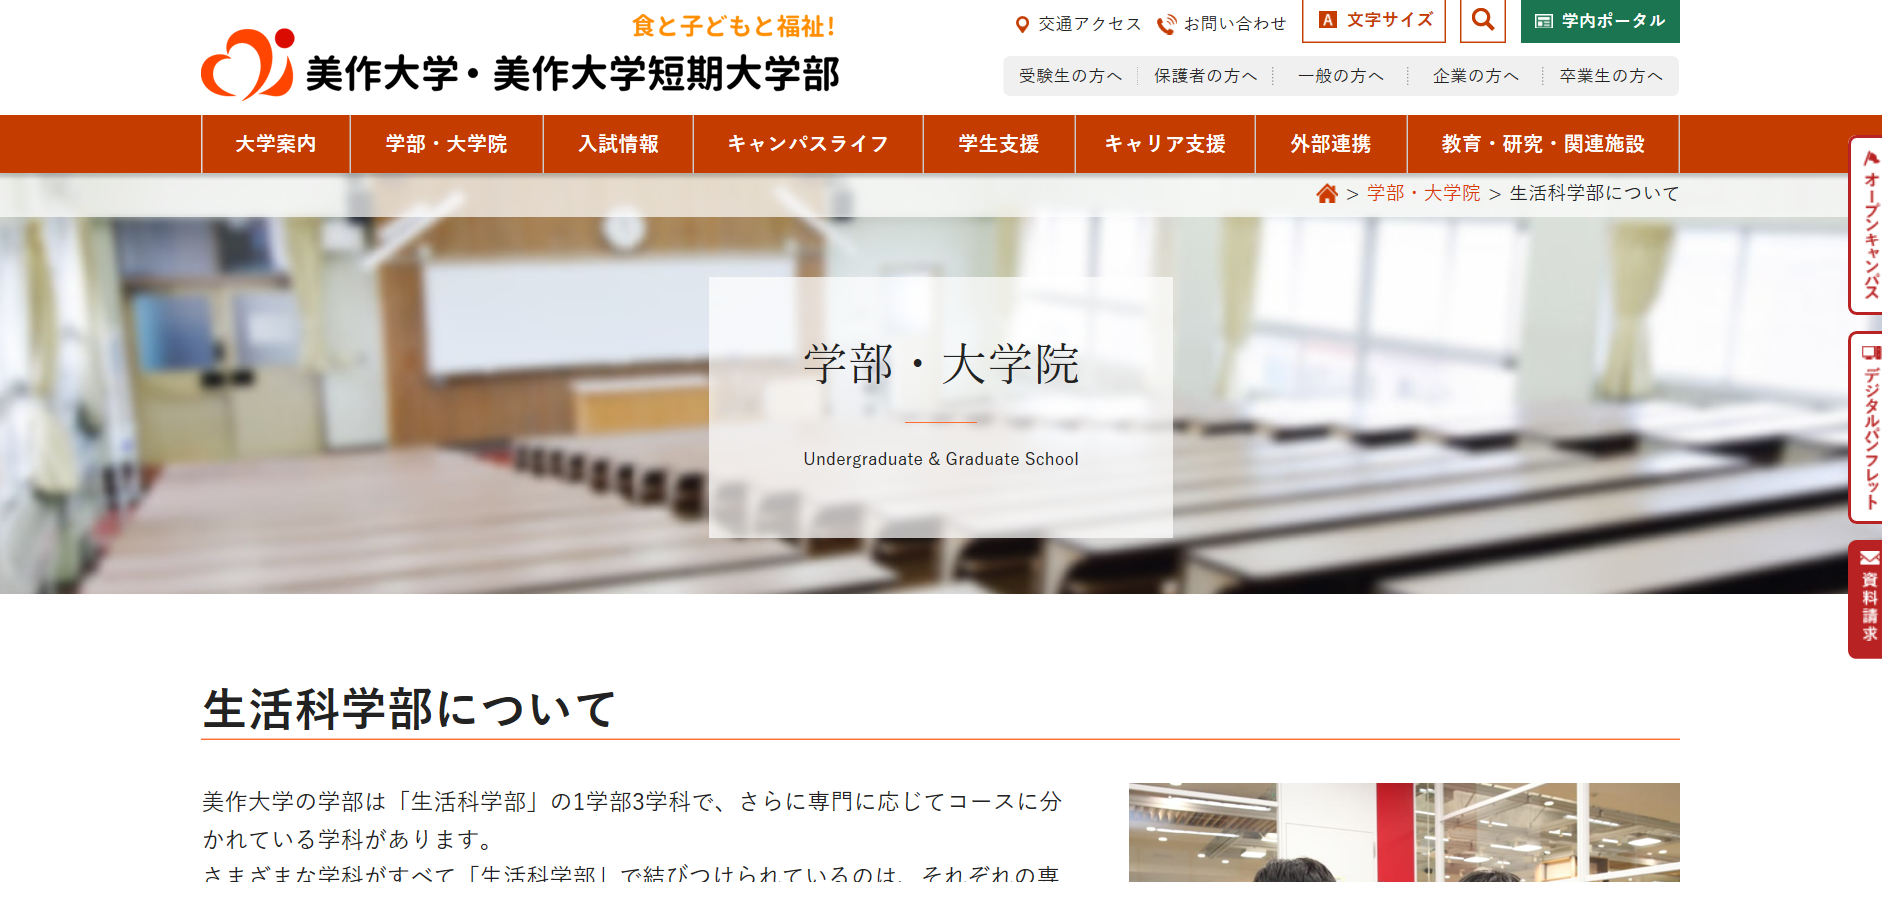 美作大学の評判・口コミ【生活科学部編】